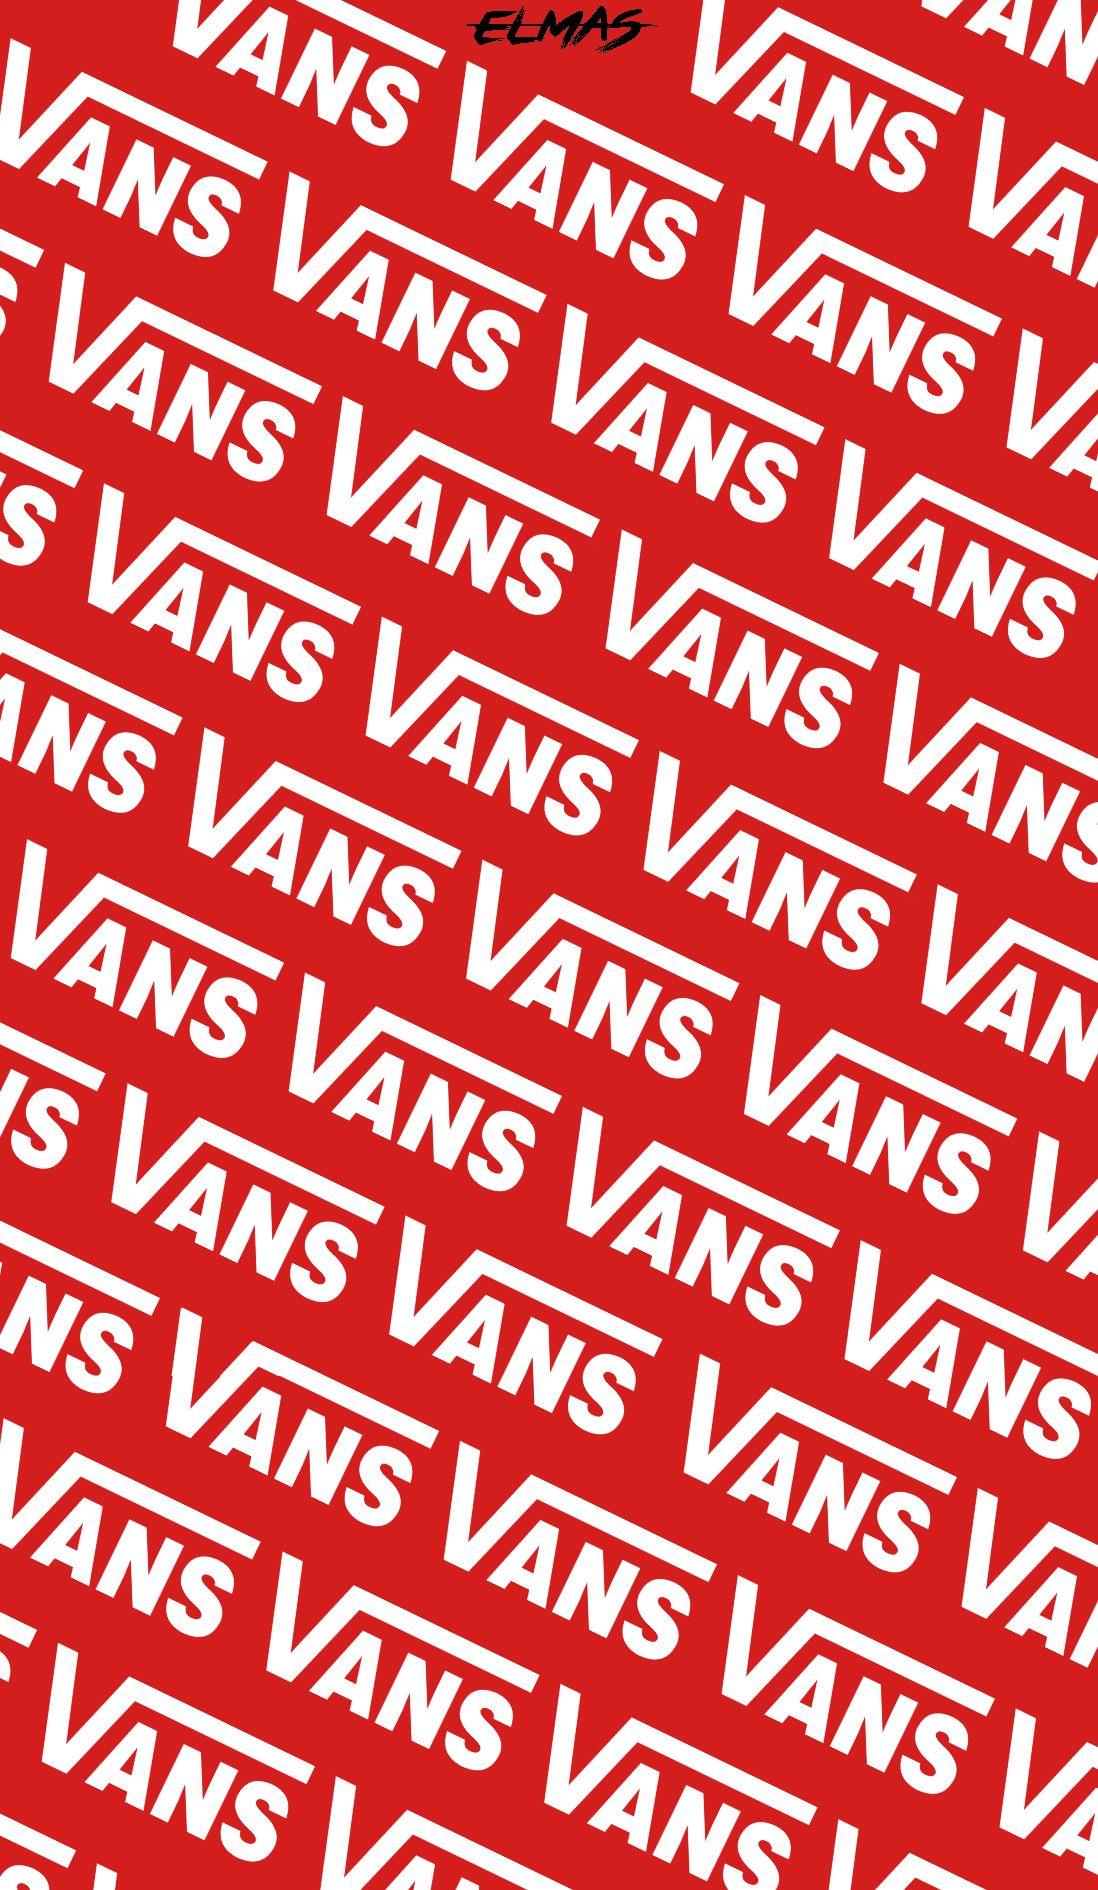 Digital Art Vans Wallpaper Art Van Iphone Wallpaper Vans